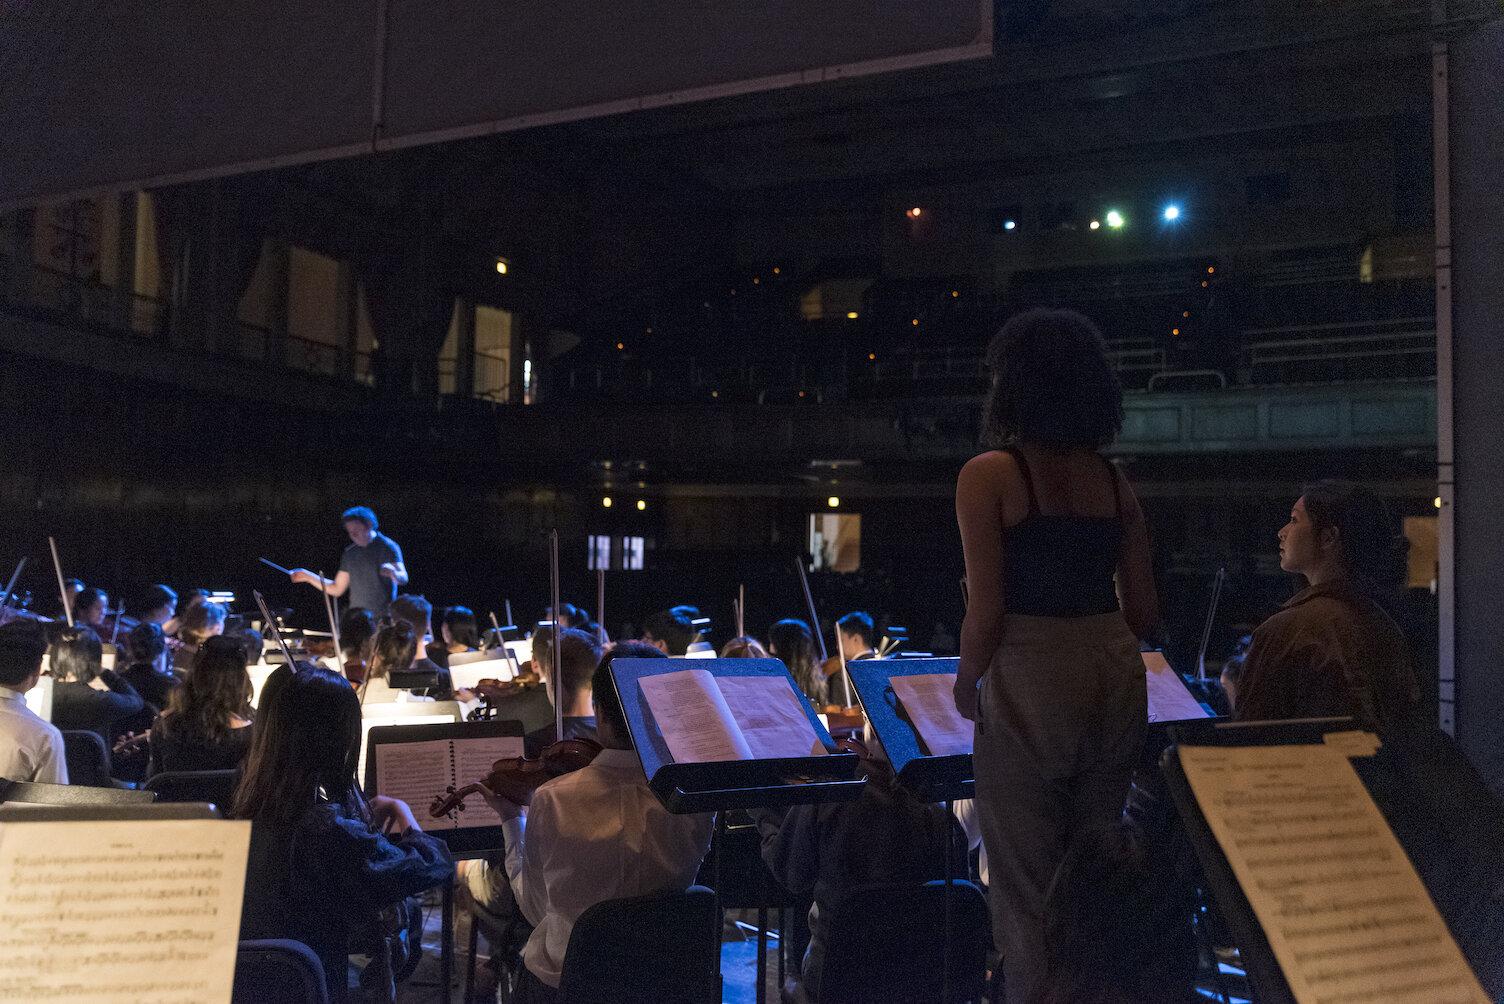 """Gustavo Dudamel    ensaya """"Sueño de una noche de verano"""" de Mendelssohn con la Orquesta de la Universidad de Princeton, el Glee Club, y narrada por estudiantes del programa de teatro del Lewis Center for the Arts. (Victoria Davidjohn '19, Jacy Duan '21 y Kathryn McReynolds '20) antes de su concierto final del 19 de abril en el Patriots Theater del War Memorial de Trenton, Nueva Jersey."""